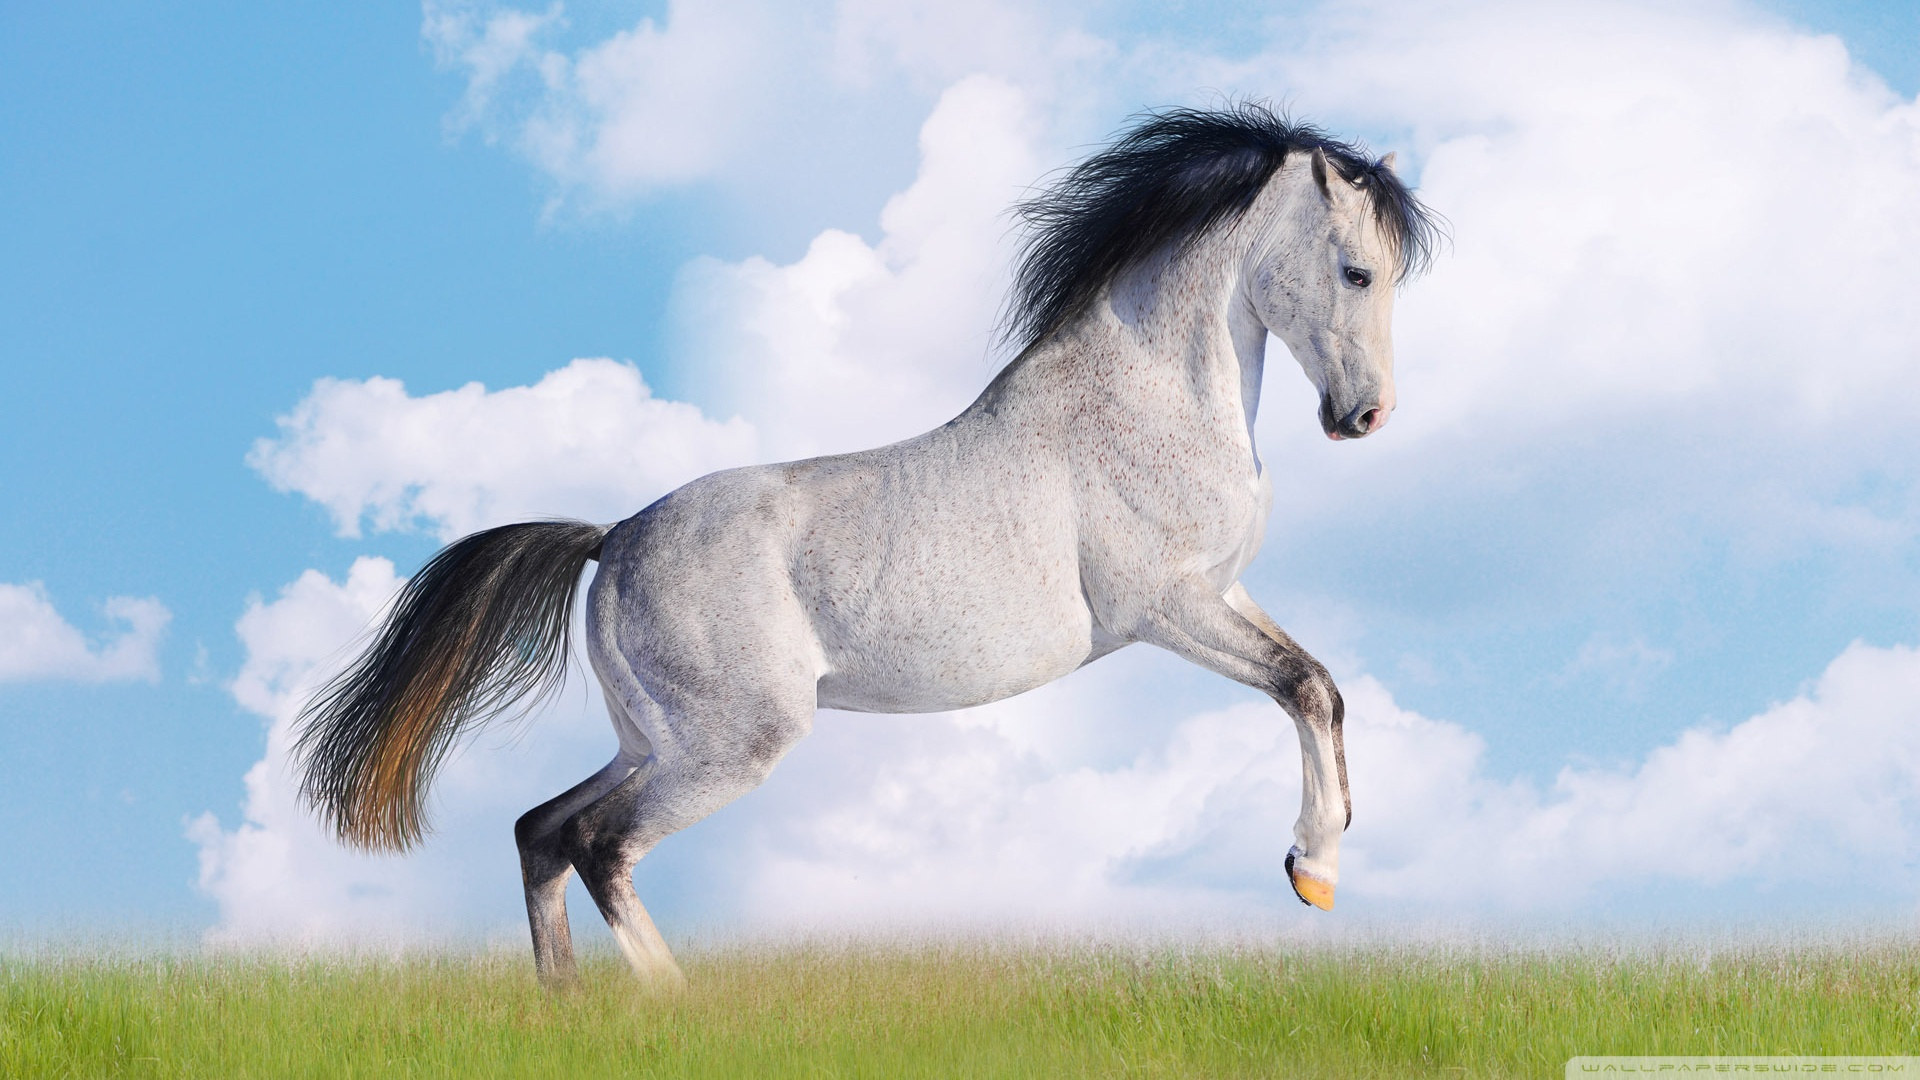 White Horse 4K HD Desktop Wallpaper for 4K Ultra HD TV Tablet 1920x1080